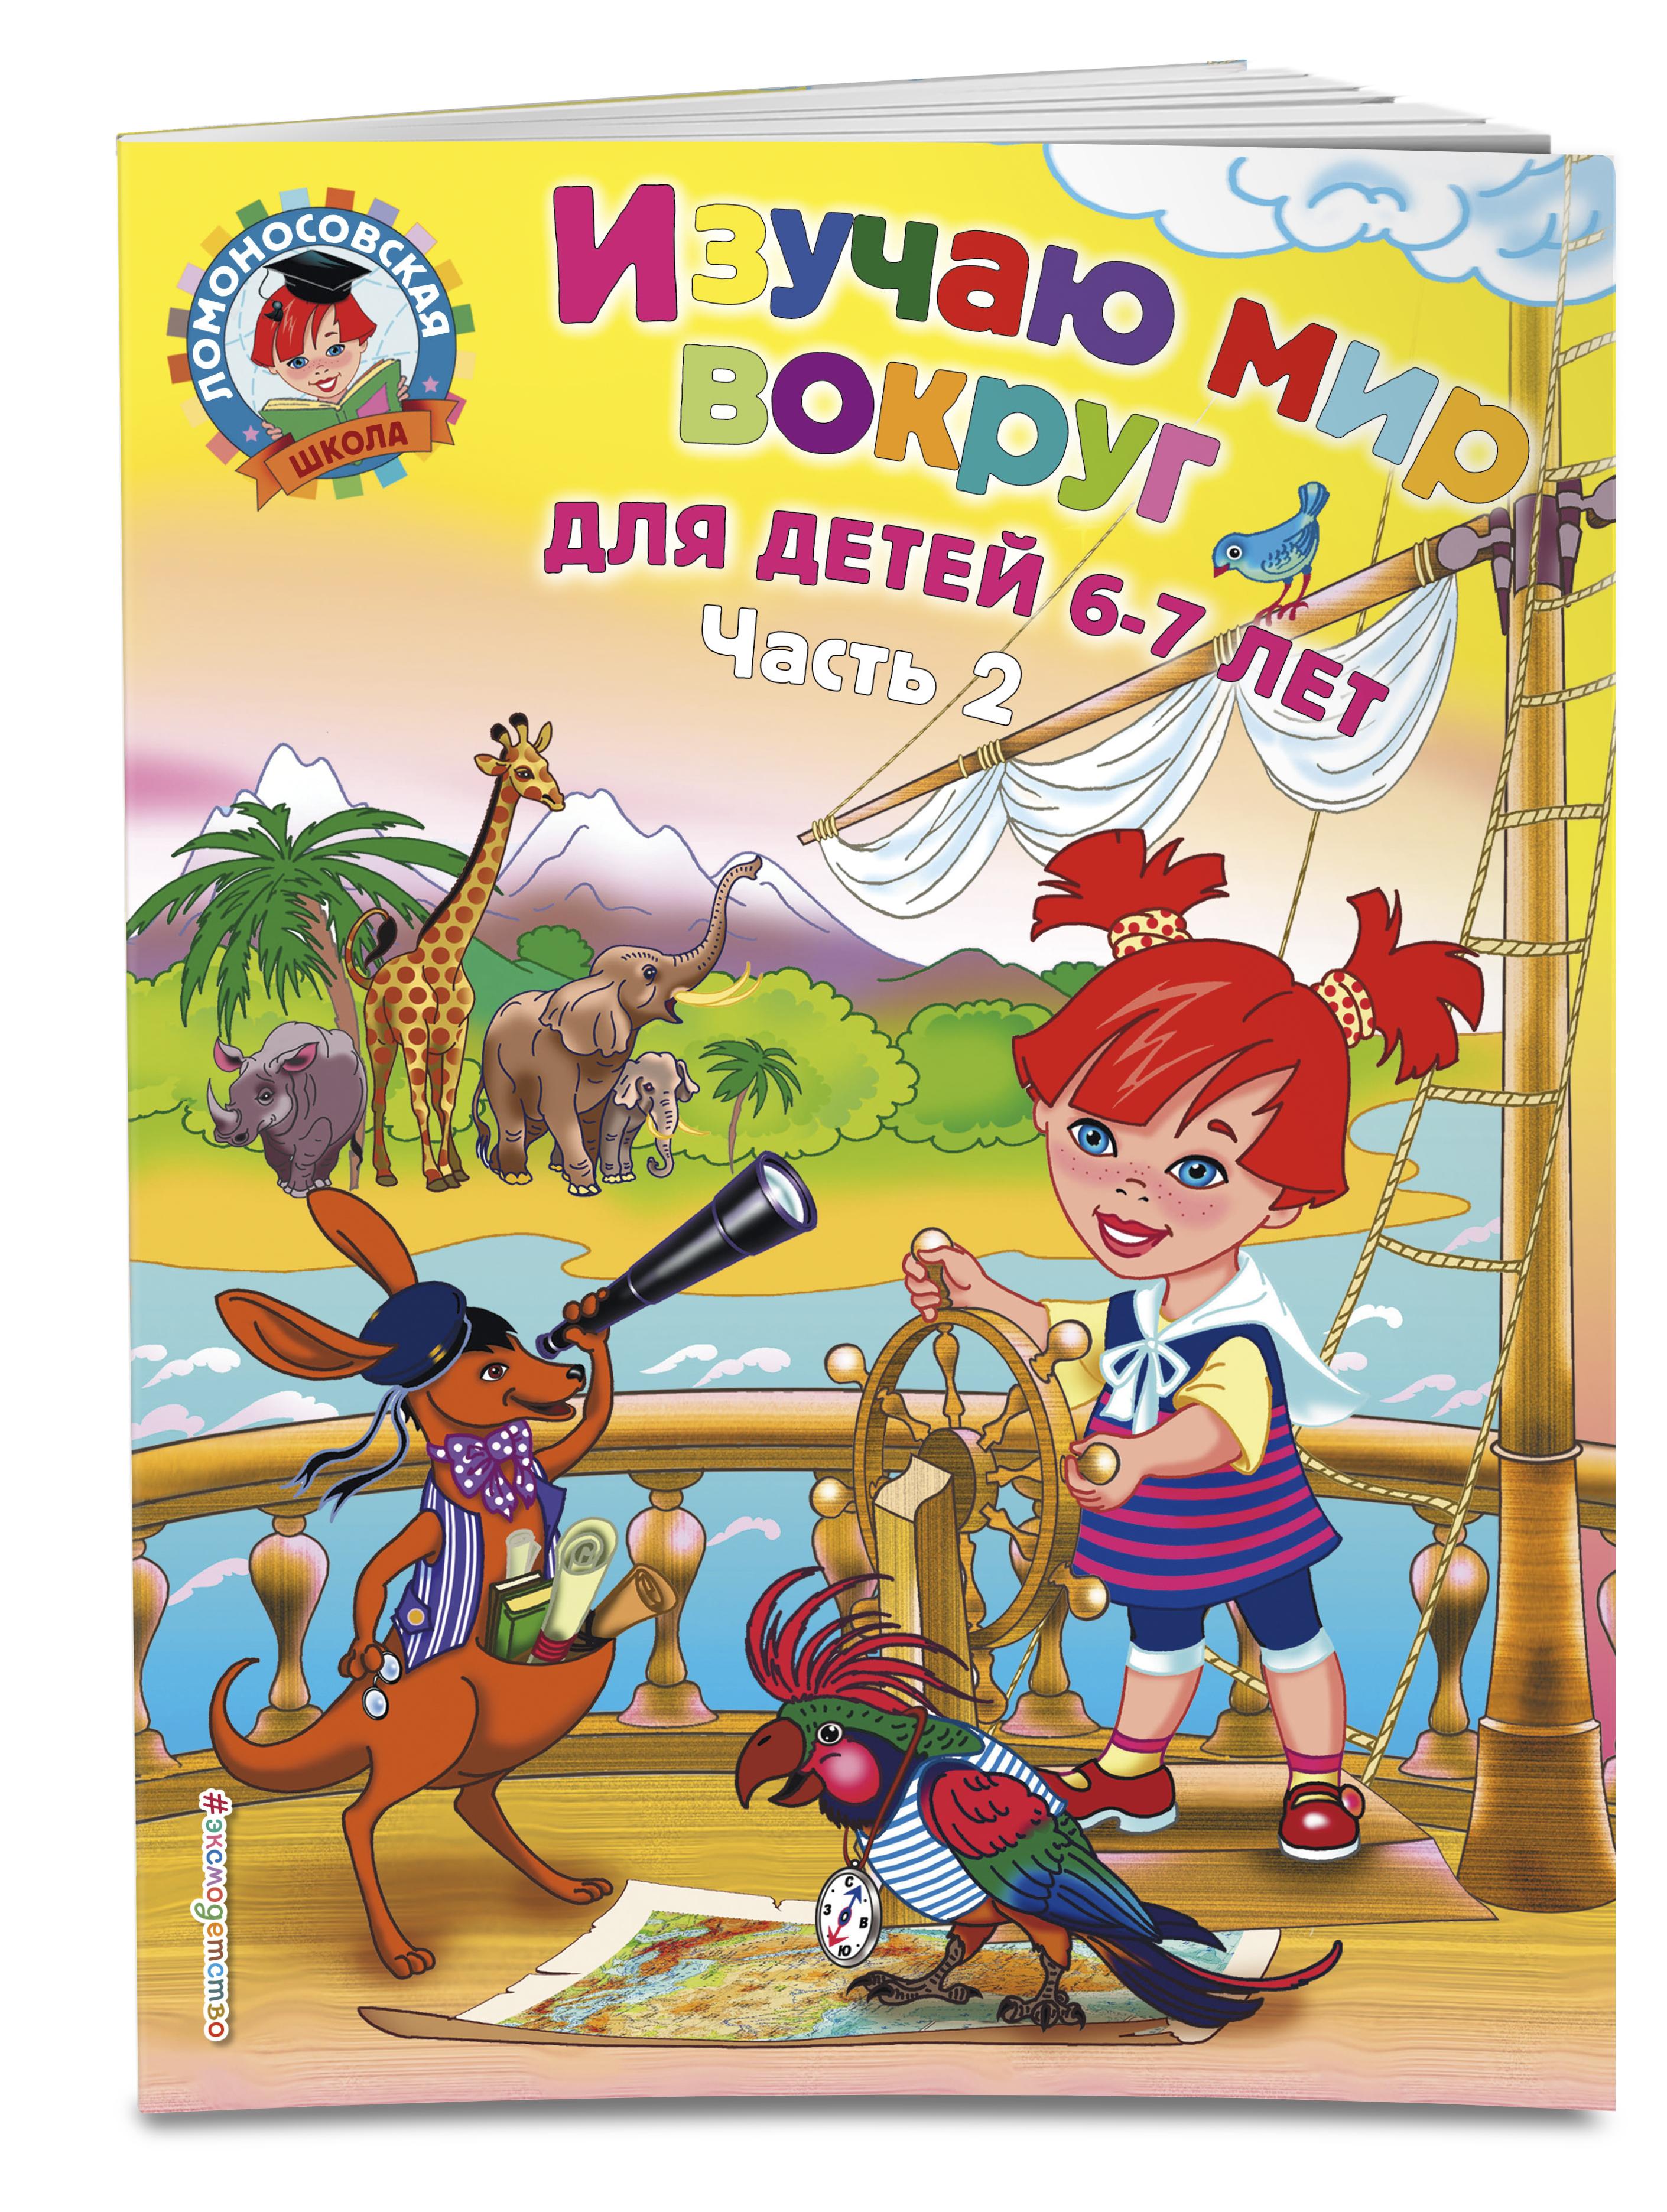 Липская Н.М. Изучаю мир вокруг: для детей 6-7 лет. Ч. 2 липская н изучаю мир вокруг для детей 6 7 лет т 1 2тт